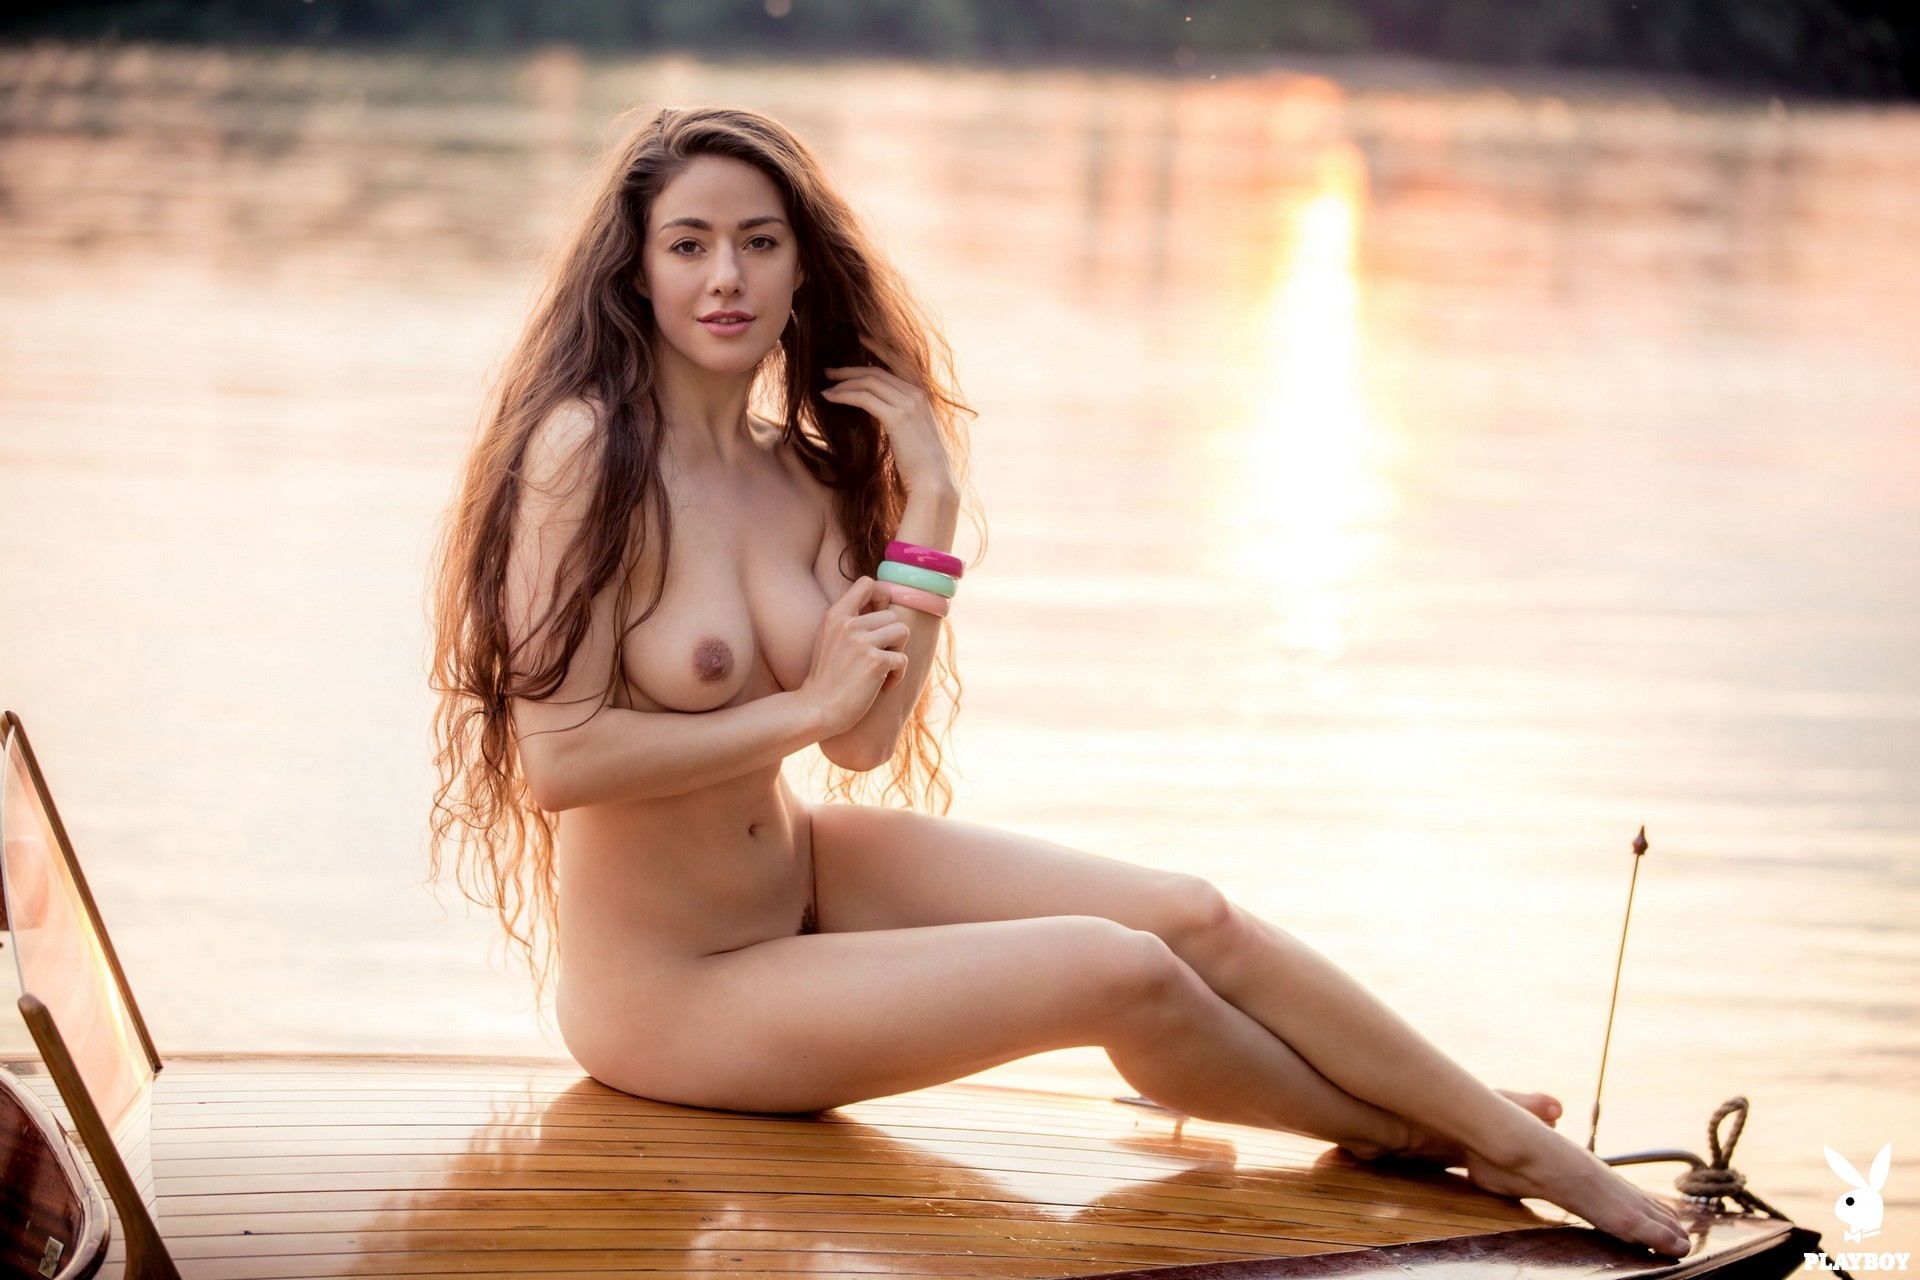 Joy Draiki in Sensational Voyage - Playboy Plus 23